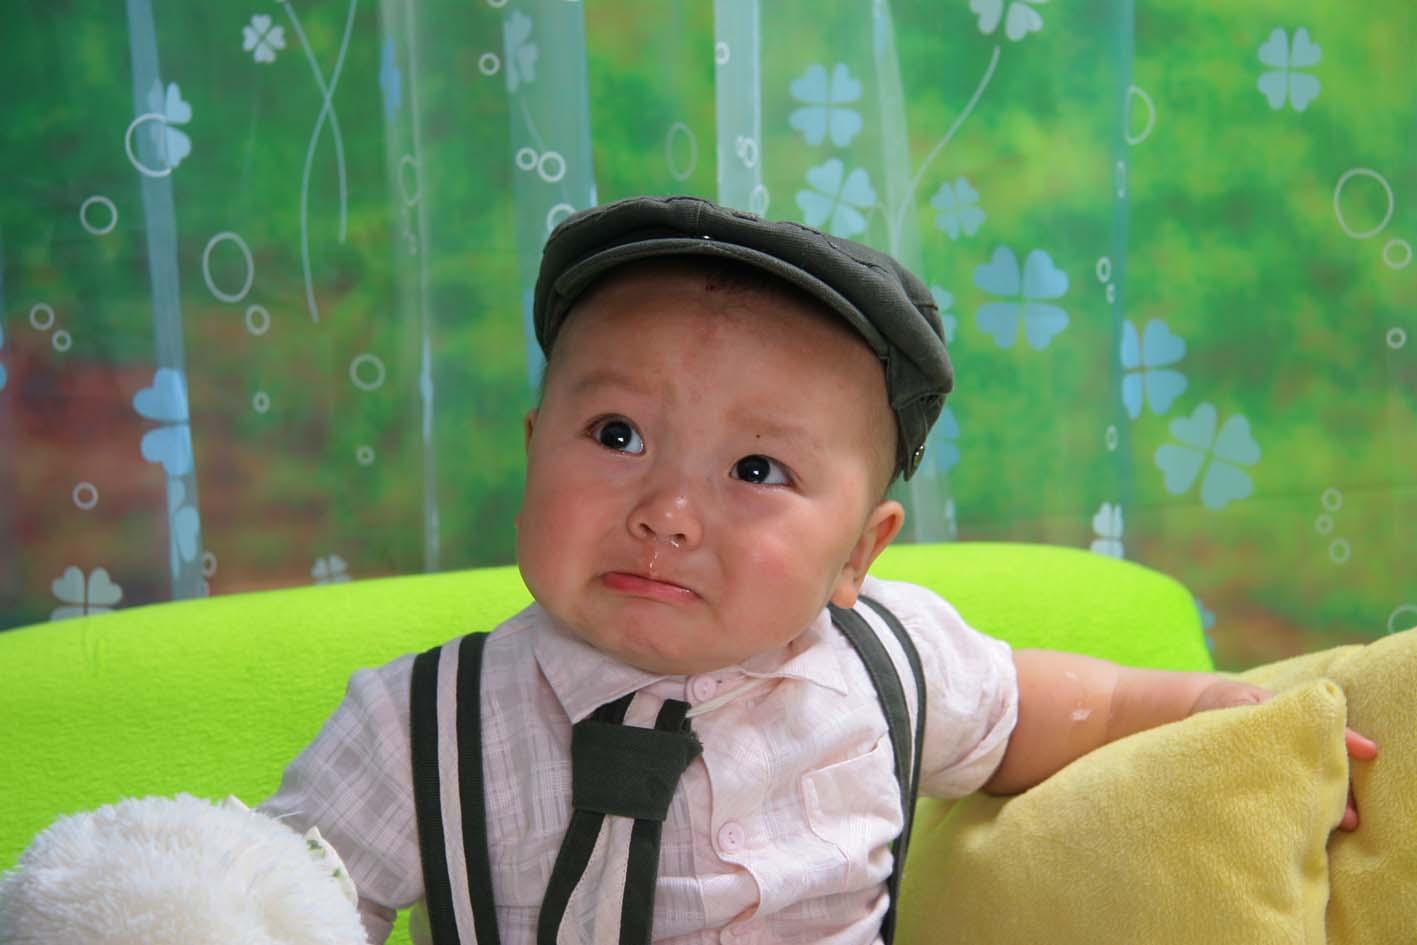 可爱宝宝桌面图片桌面壁纸图片下载; 纯真可爱baby婴儿超大宽屏高清壁